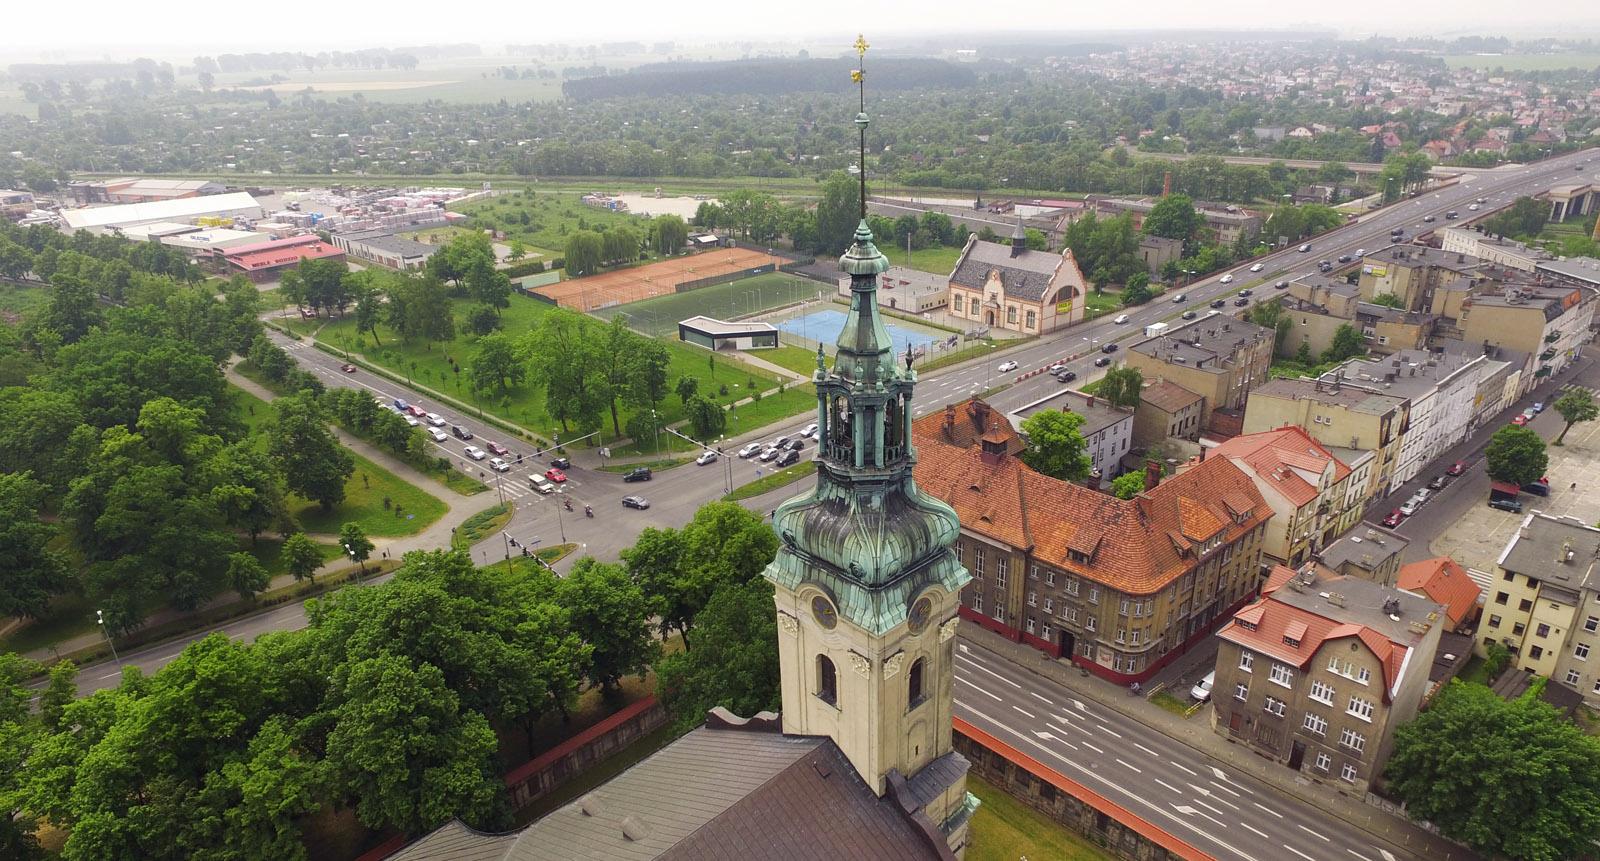 miasto z lotu ptaka (Leszno)